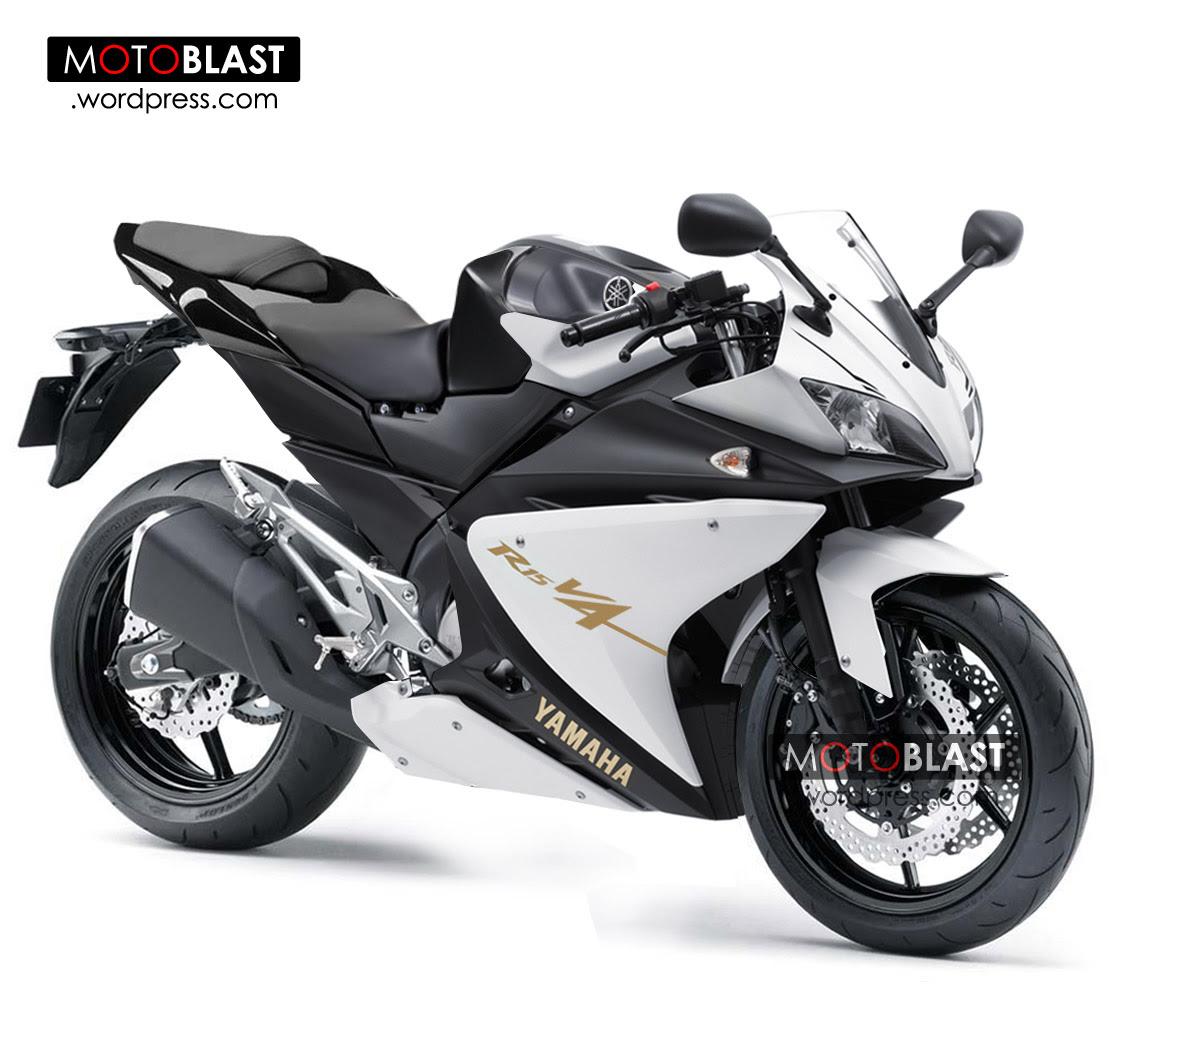 New Vixion Adalah Generasi Next Yamaha R250 V 40 Terbaru